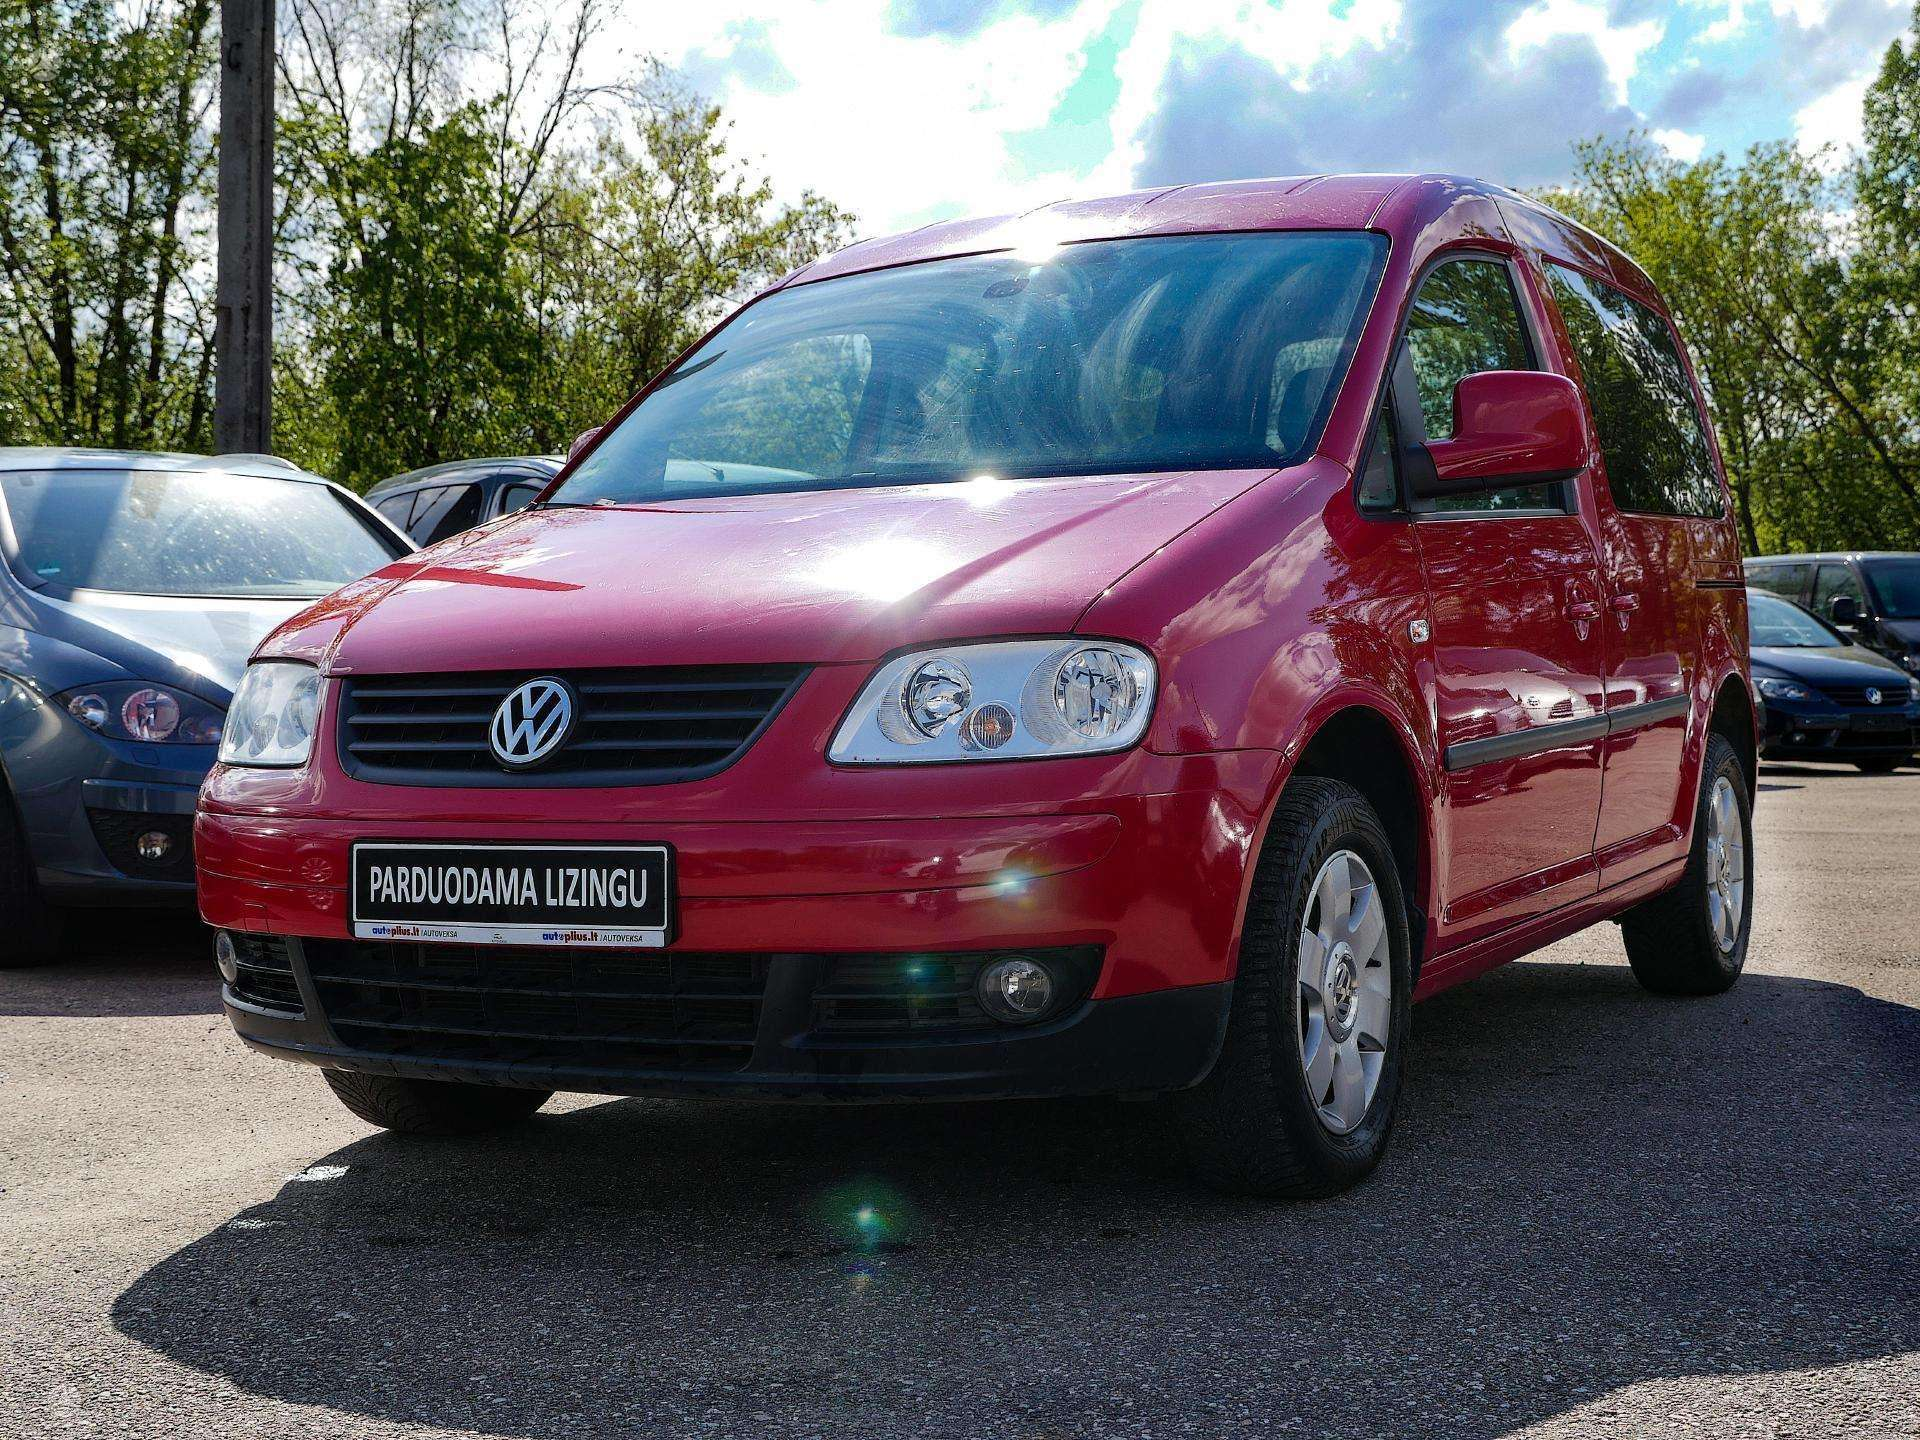 Volkswagen Caddy Išsimokėtinai nuo 80Eur/Mėn su 3 mėnesių garantija